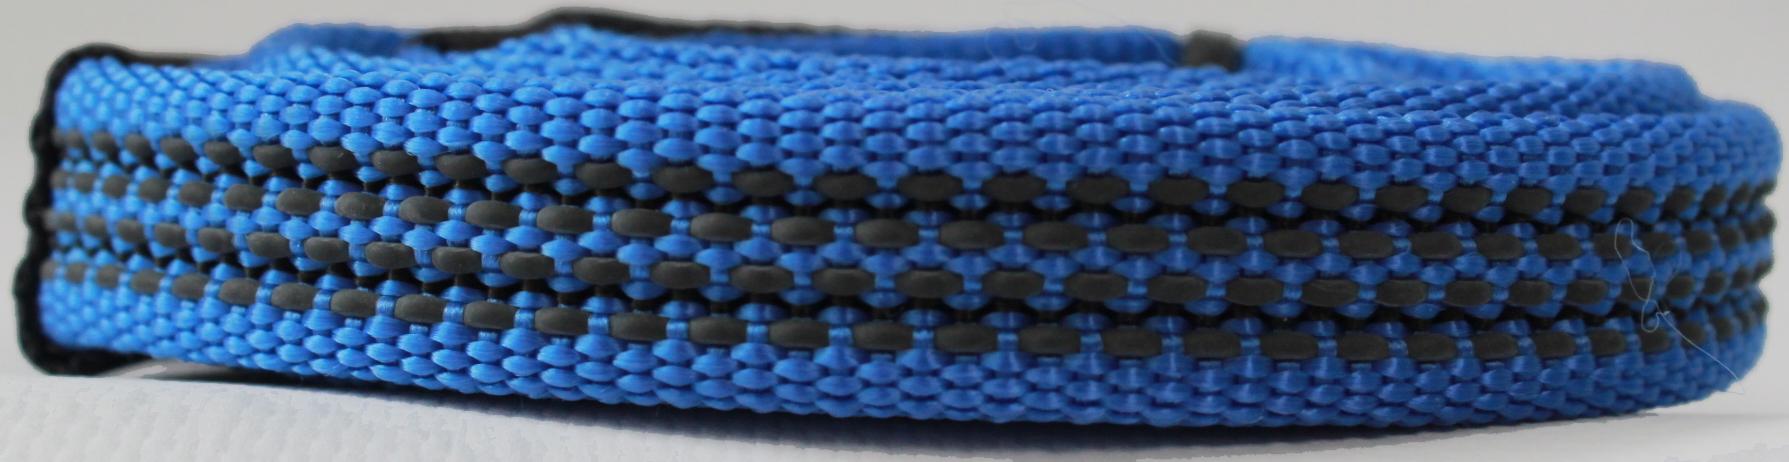 Поводок для собак Happy Friends, плавающий, нескользящий, цвет: синий, ширина 1,5 см, длина 1,20 м поводок для собак happy friends нескользящий цвет синий ширина 2 см длина 2 м